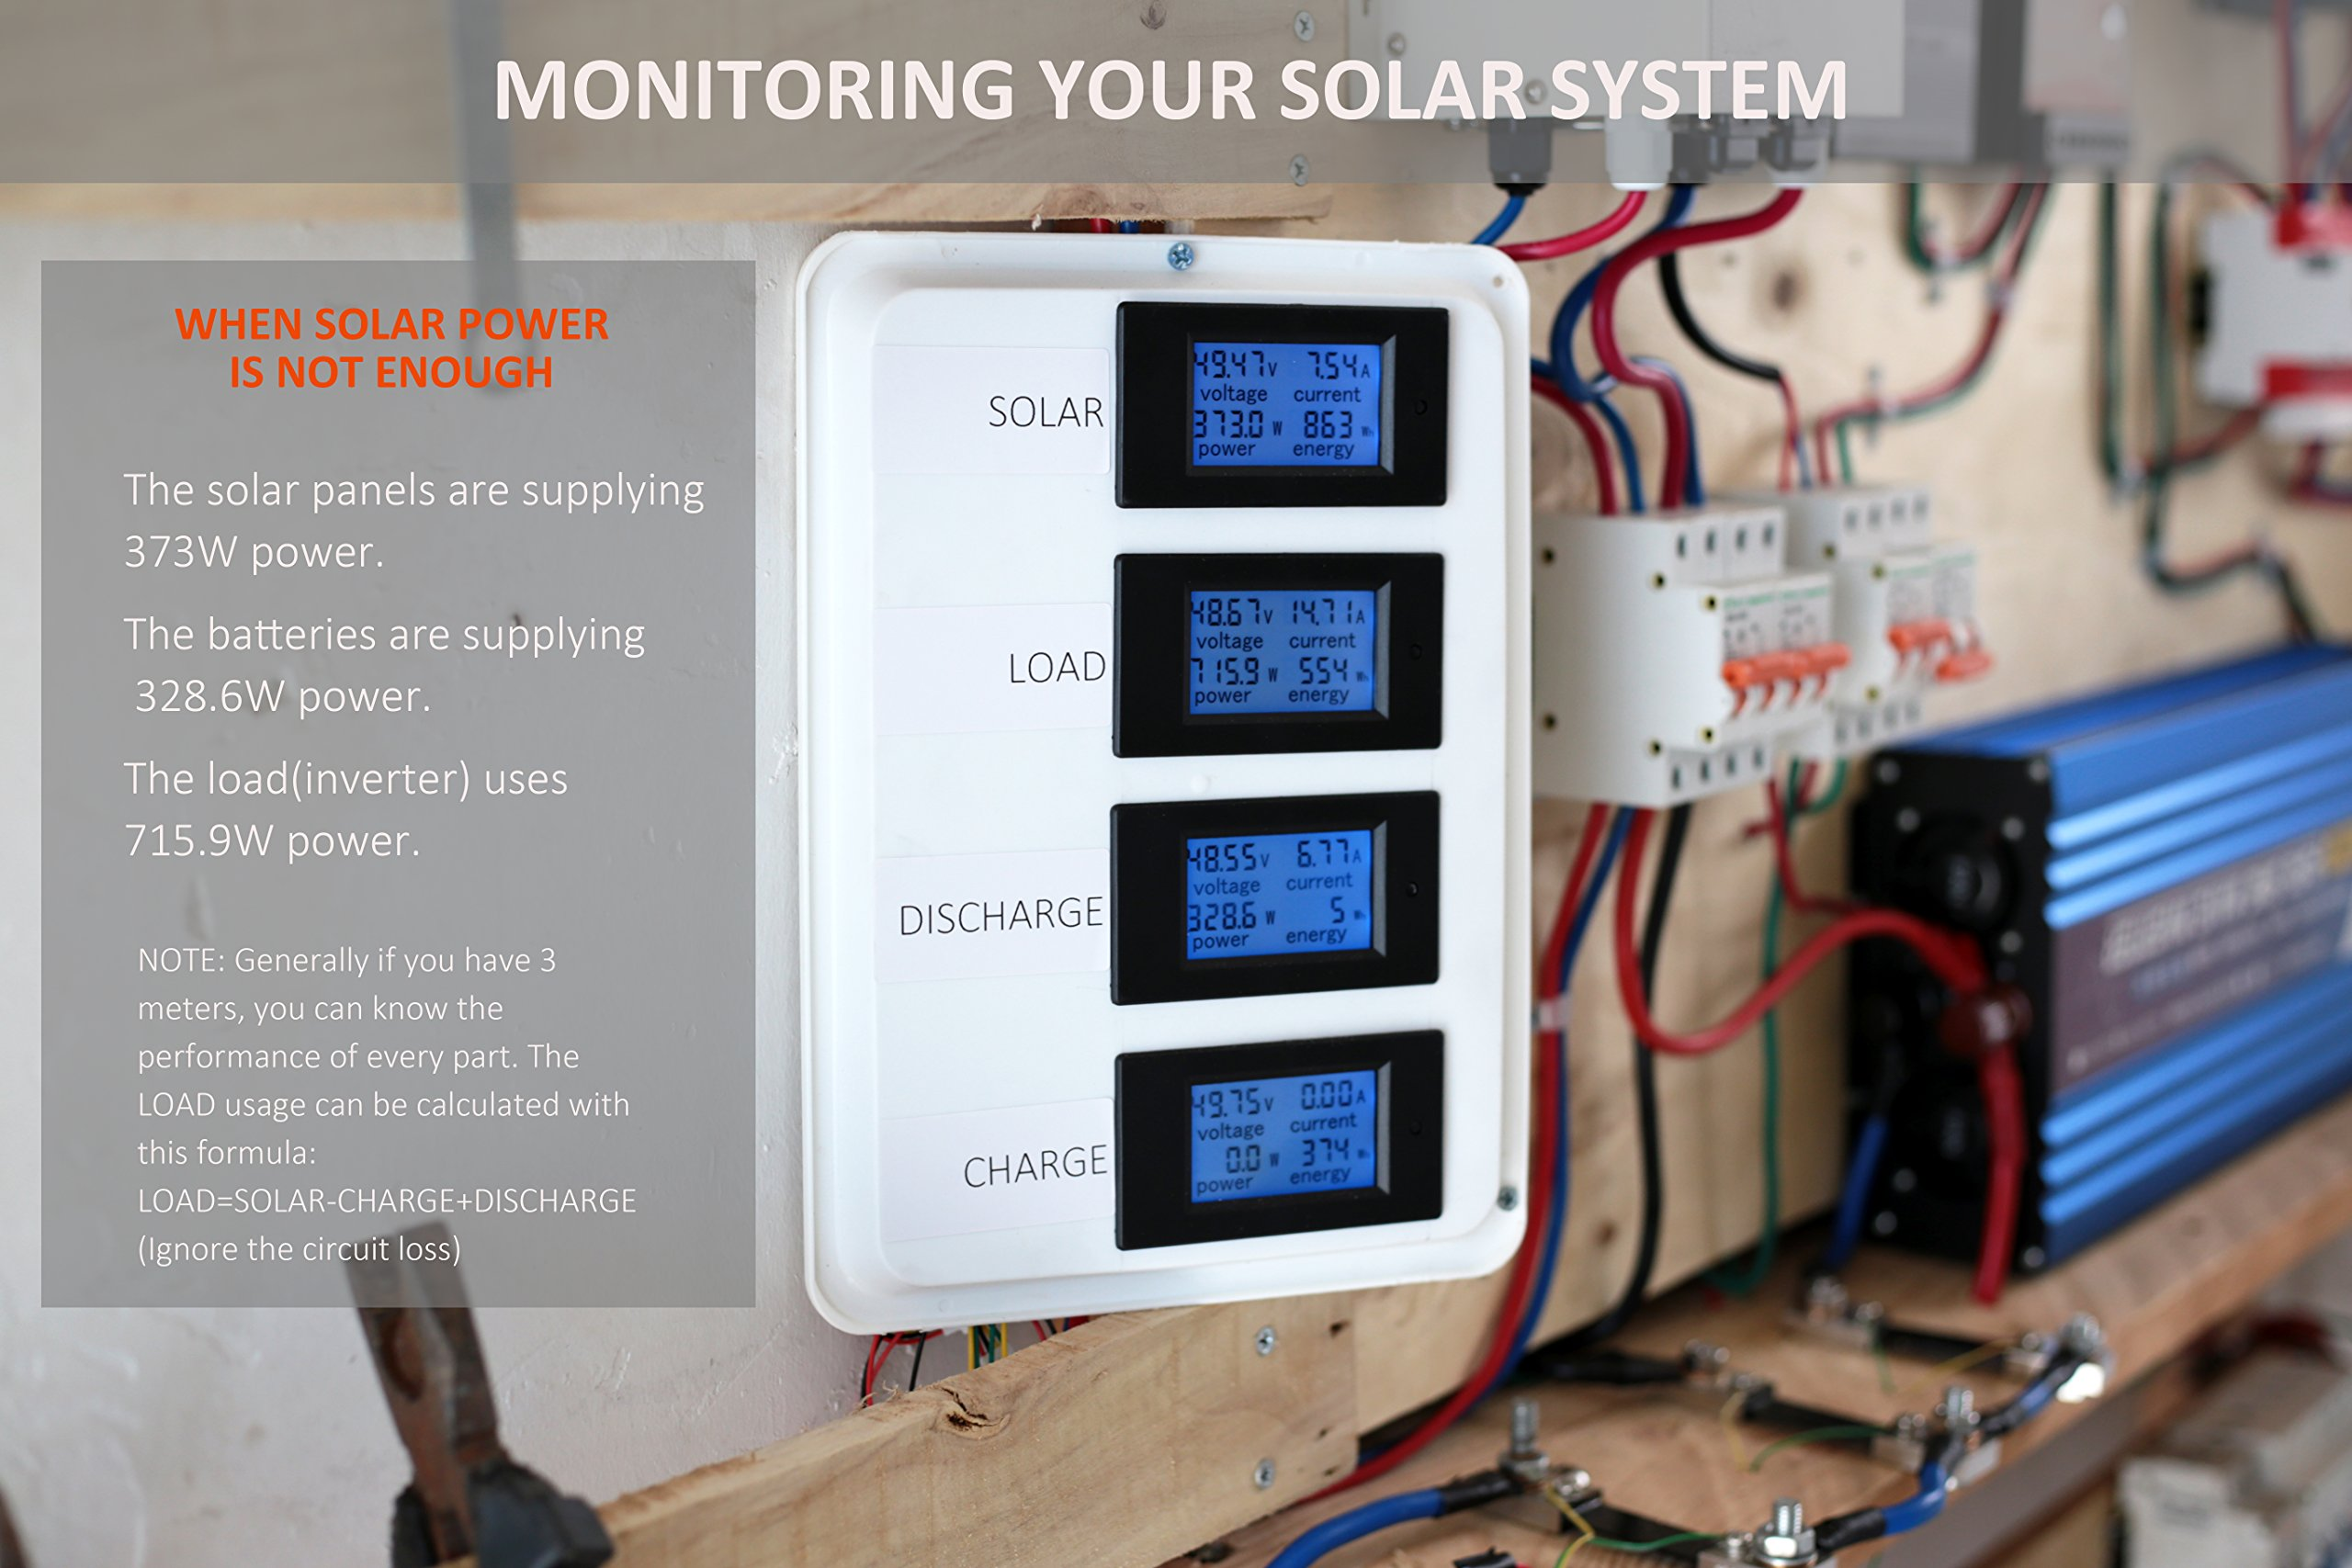 Bayite Dc 65 100v 0 100a Lcd Display Digital Current Voltage Power Ammeter Voltmeter Panel Amp Volt Meter Energy Multimeter With Shunt Pzem 101